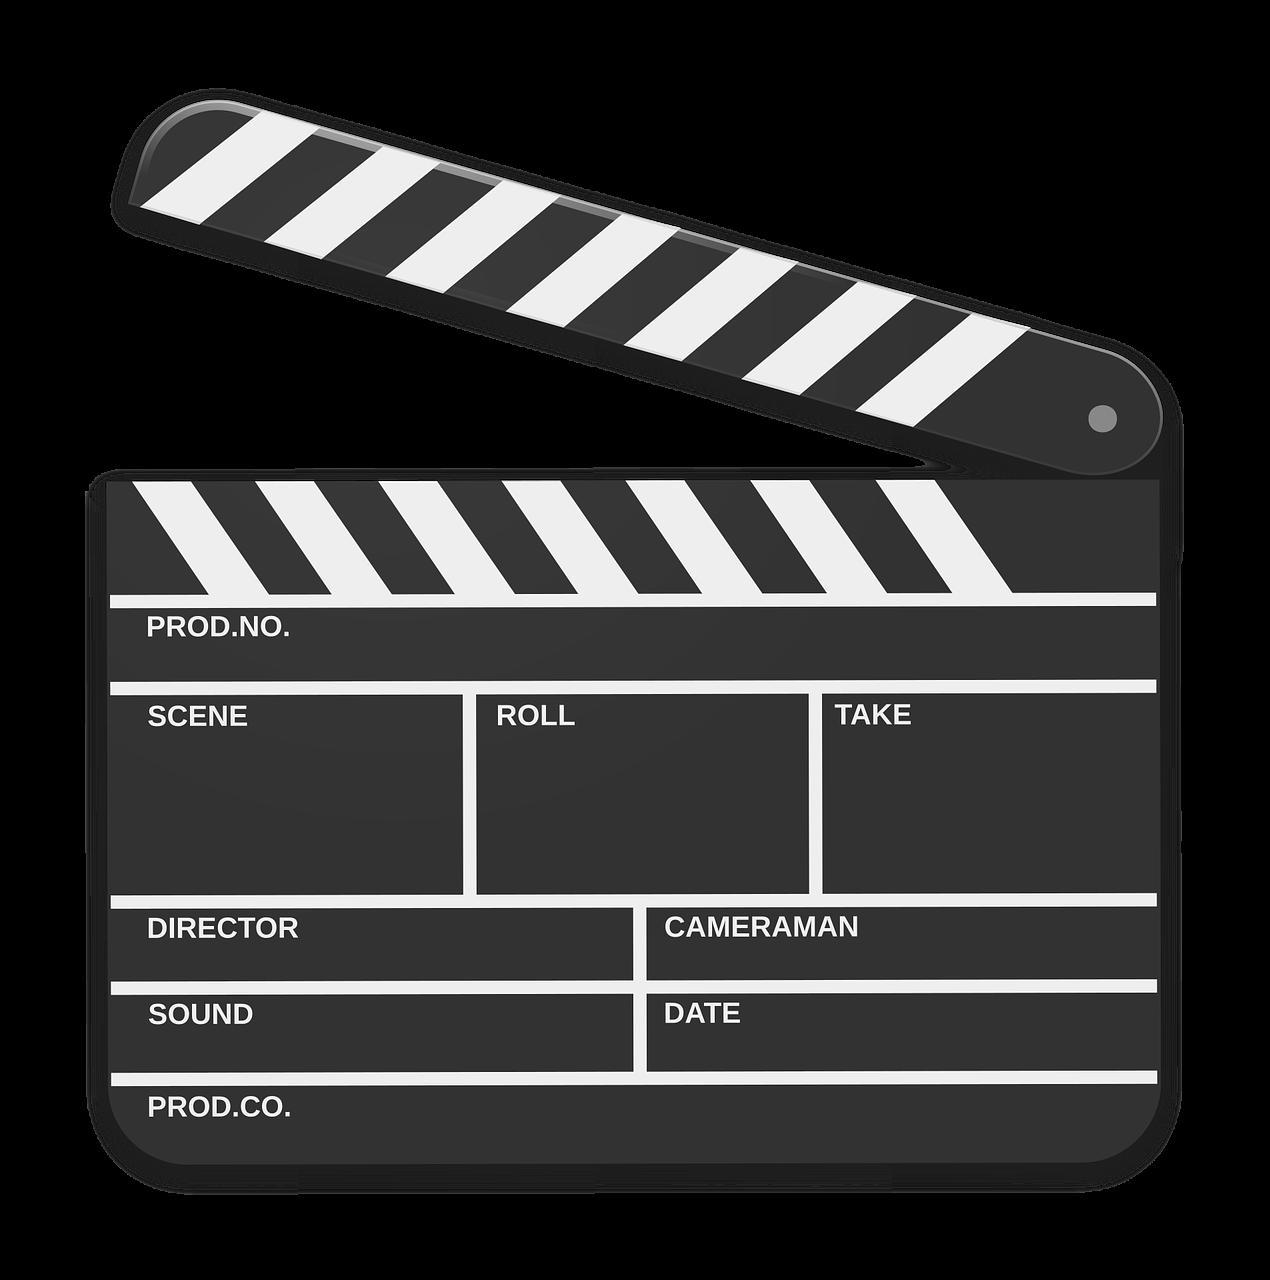 Art film clapperboard cinema. Movie clipart movie theater